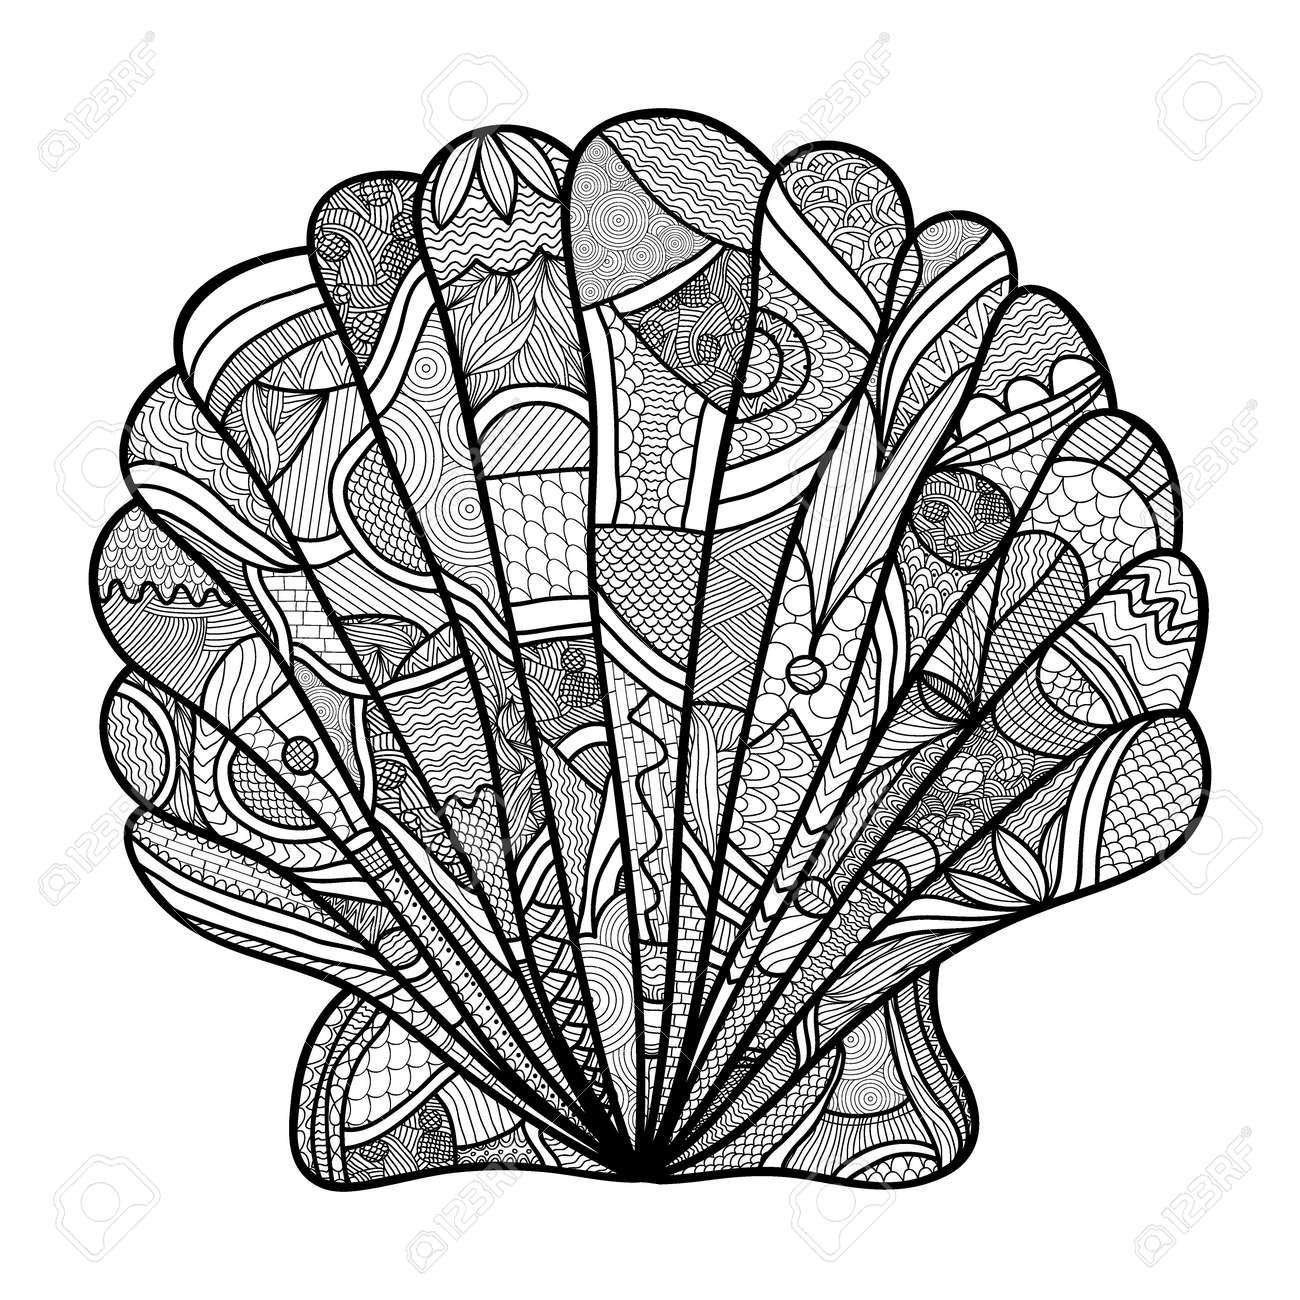 Muschel malvorlage  Muschel. Hand Gezeichnet Shell - Anti-Stress-Malvorlagen Für ...